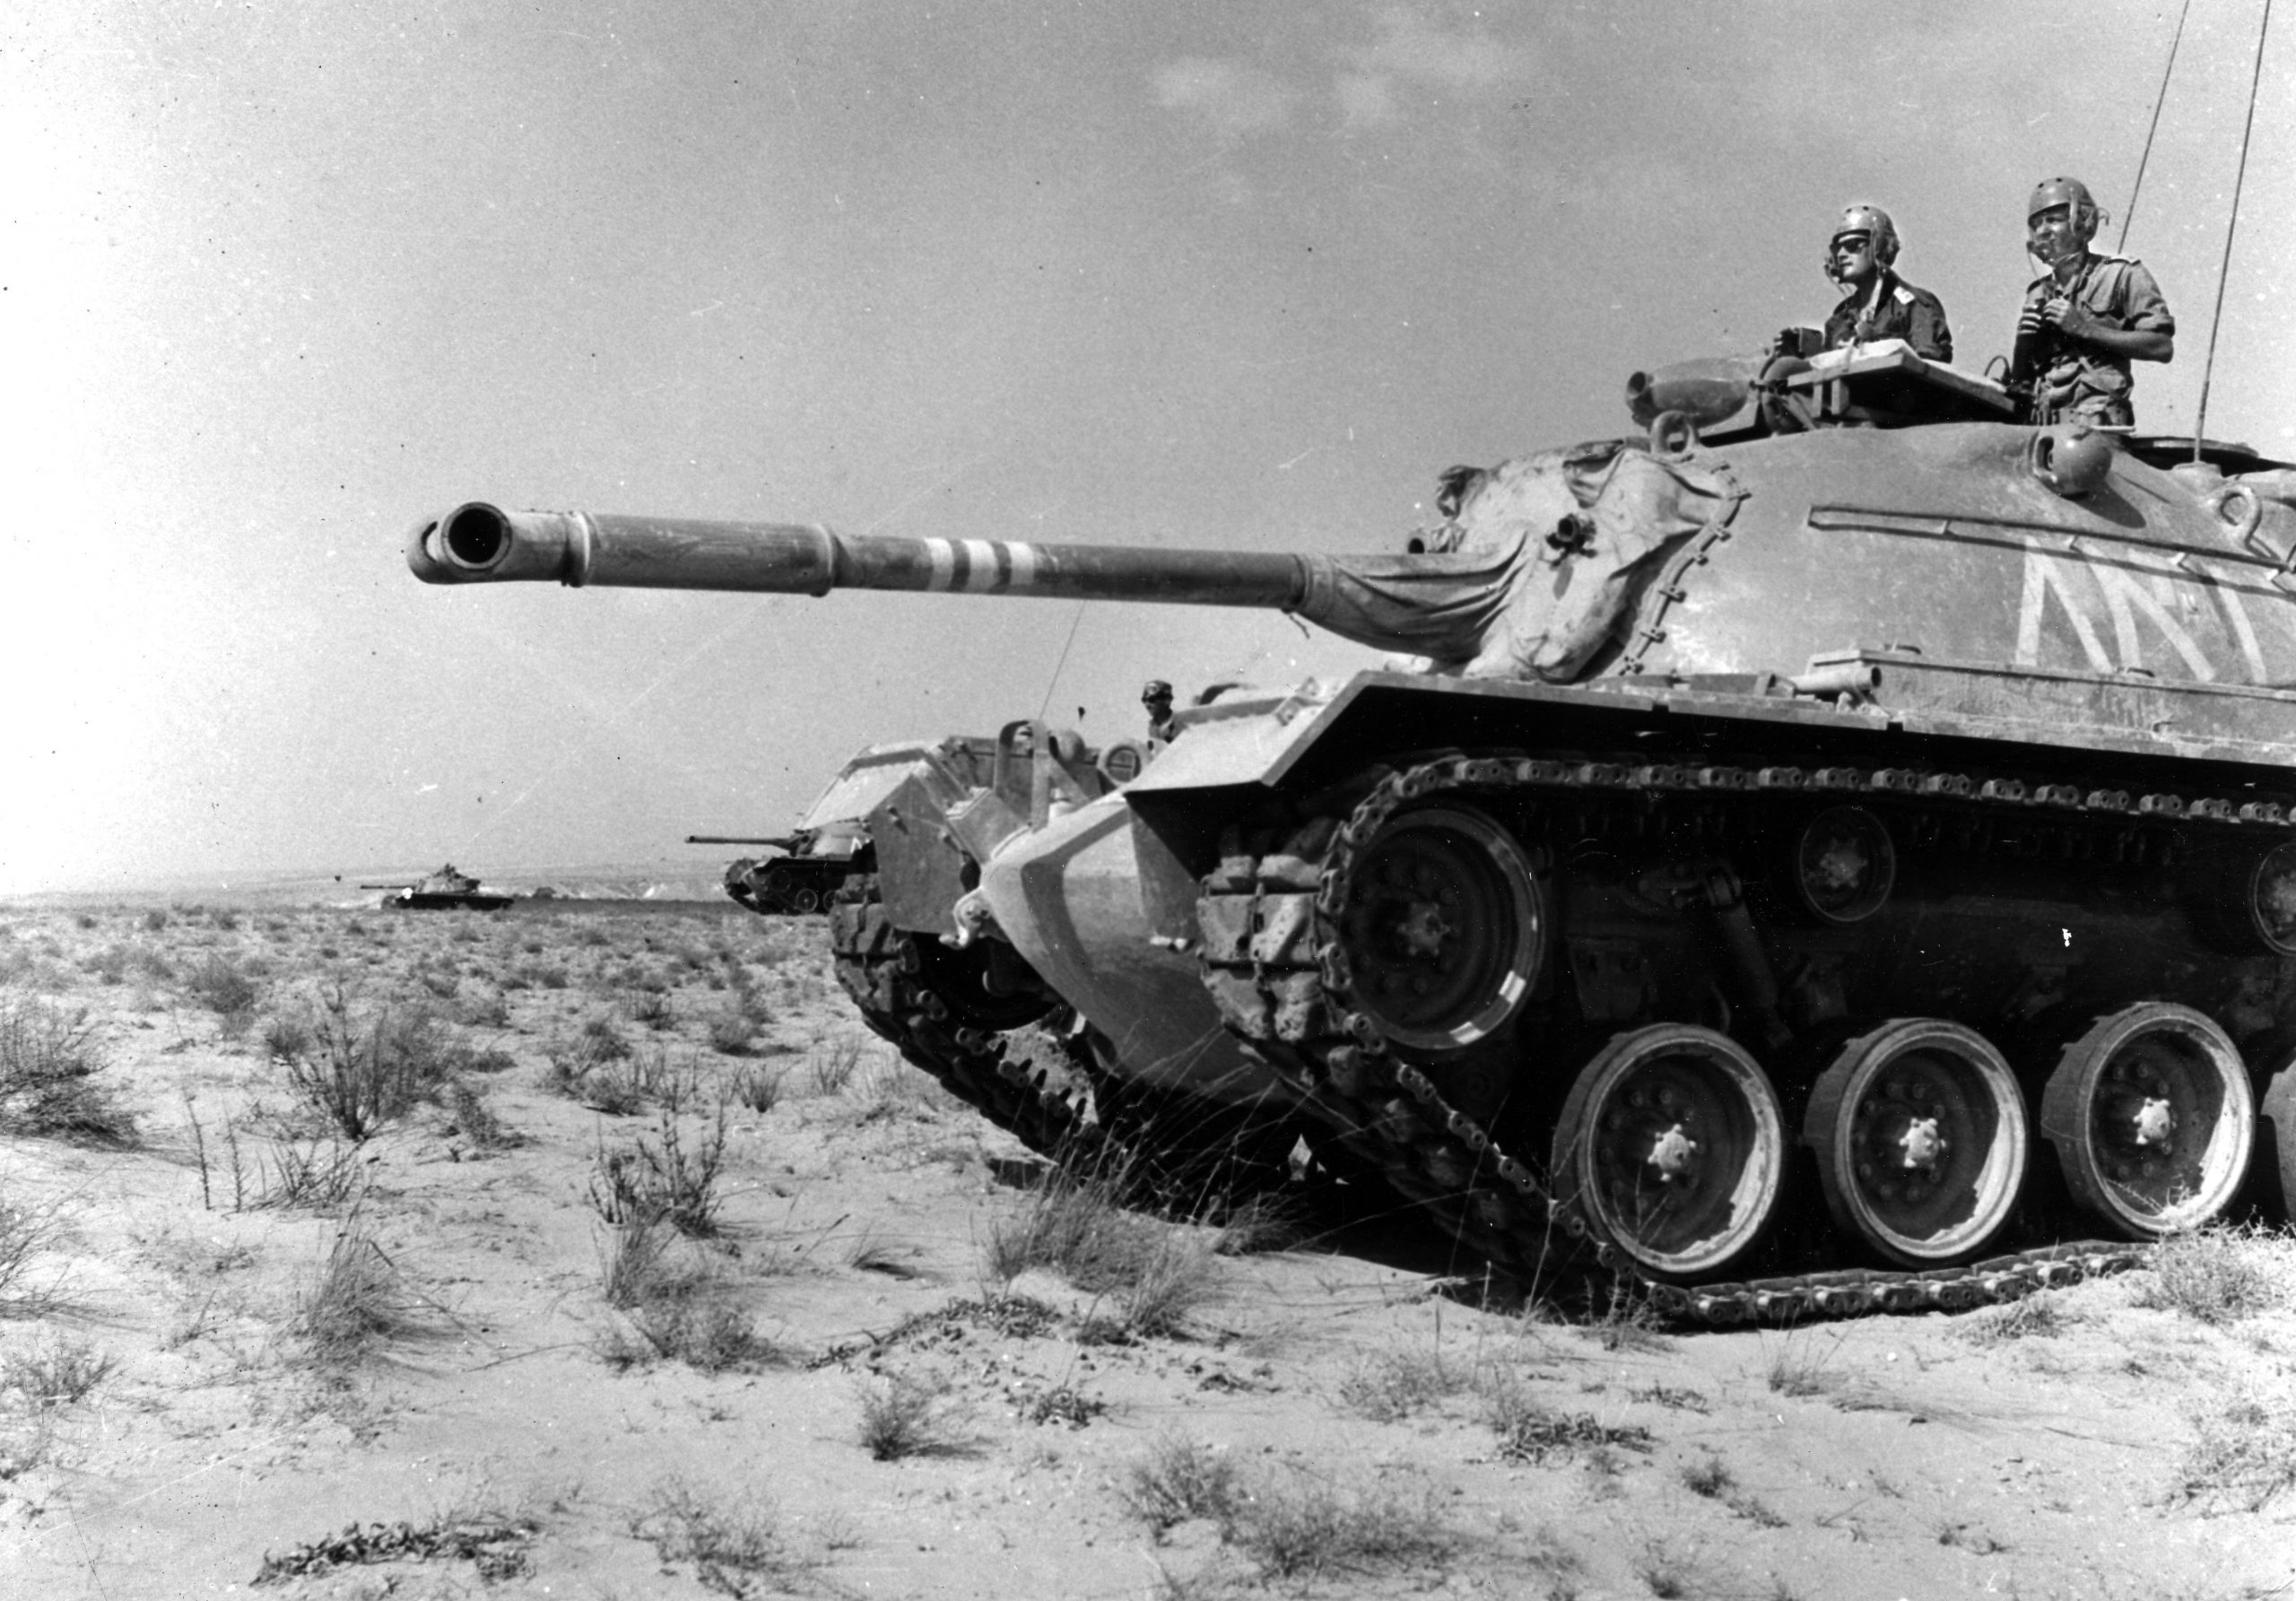 """טנק פטון 2 מסוג M48A2c בשירות בגדוד 79. בעמדת המפקד, מפקד הגדוד סא""""ל יעקב ג'קי אבן, לימים אלוף. (צילום אוסף האלוף ג'קי אבן)"""